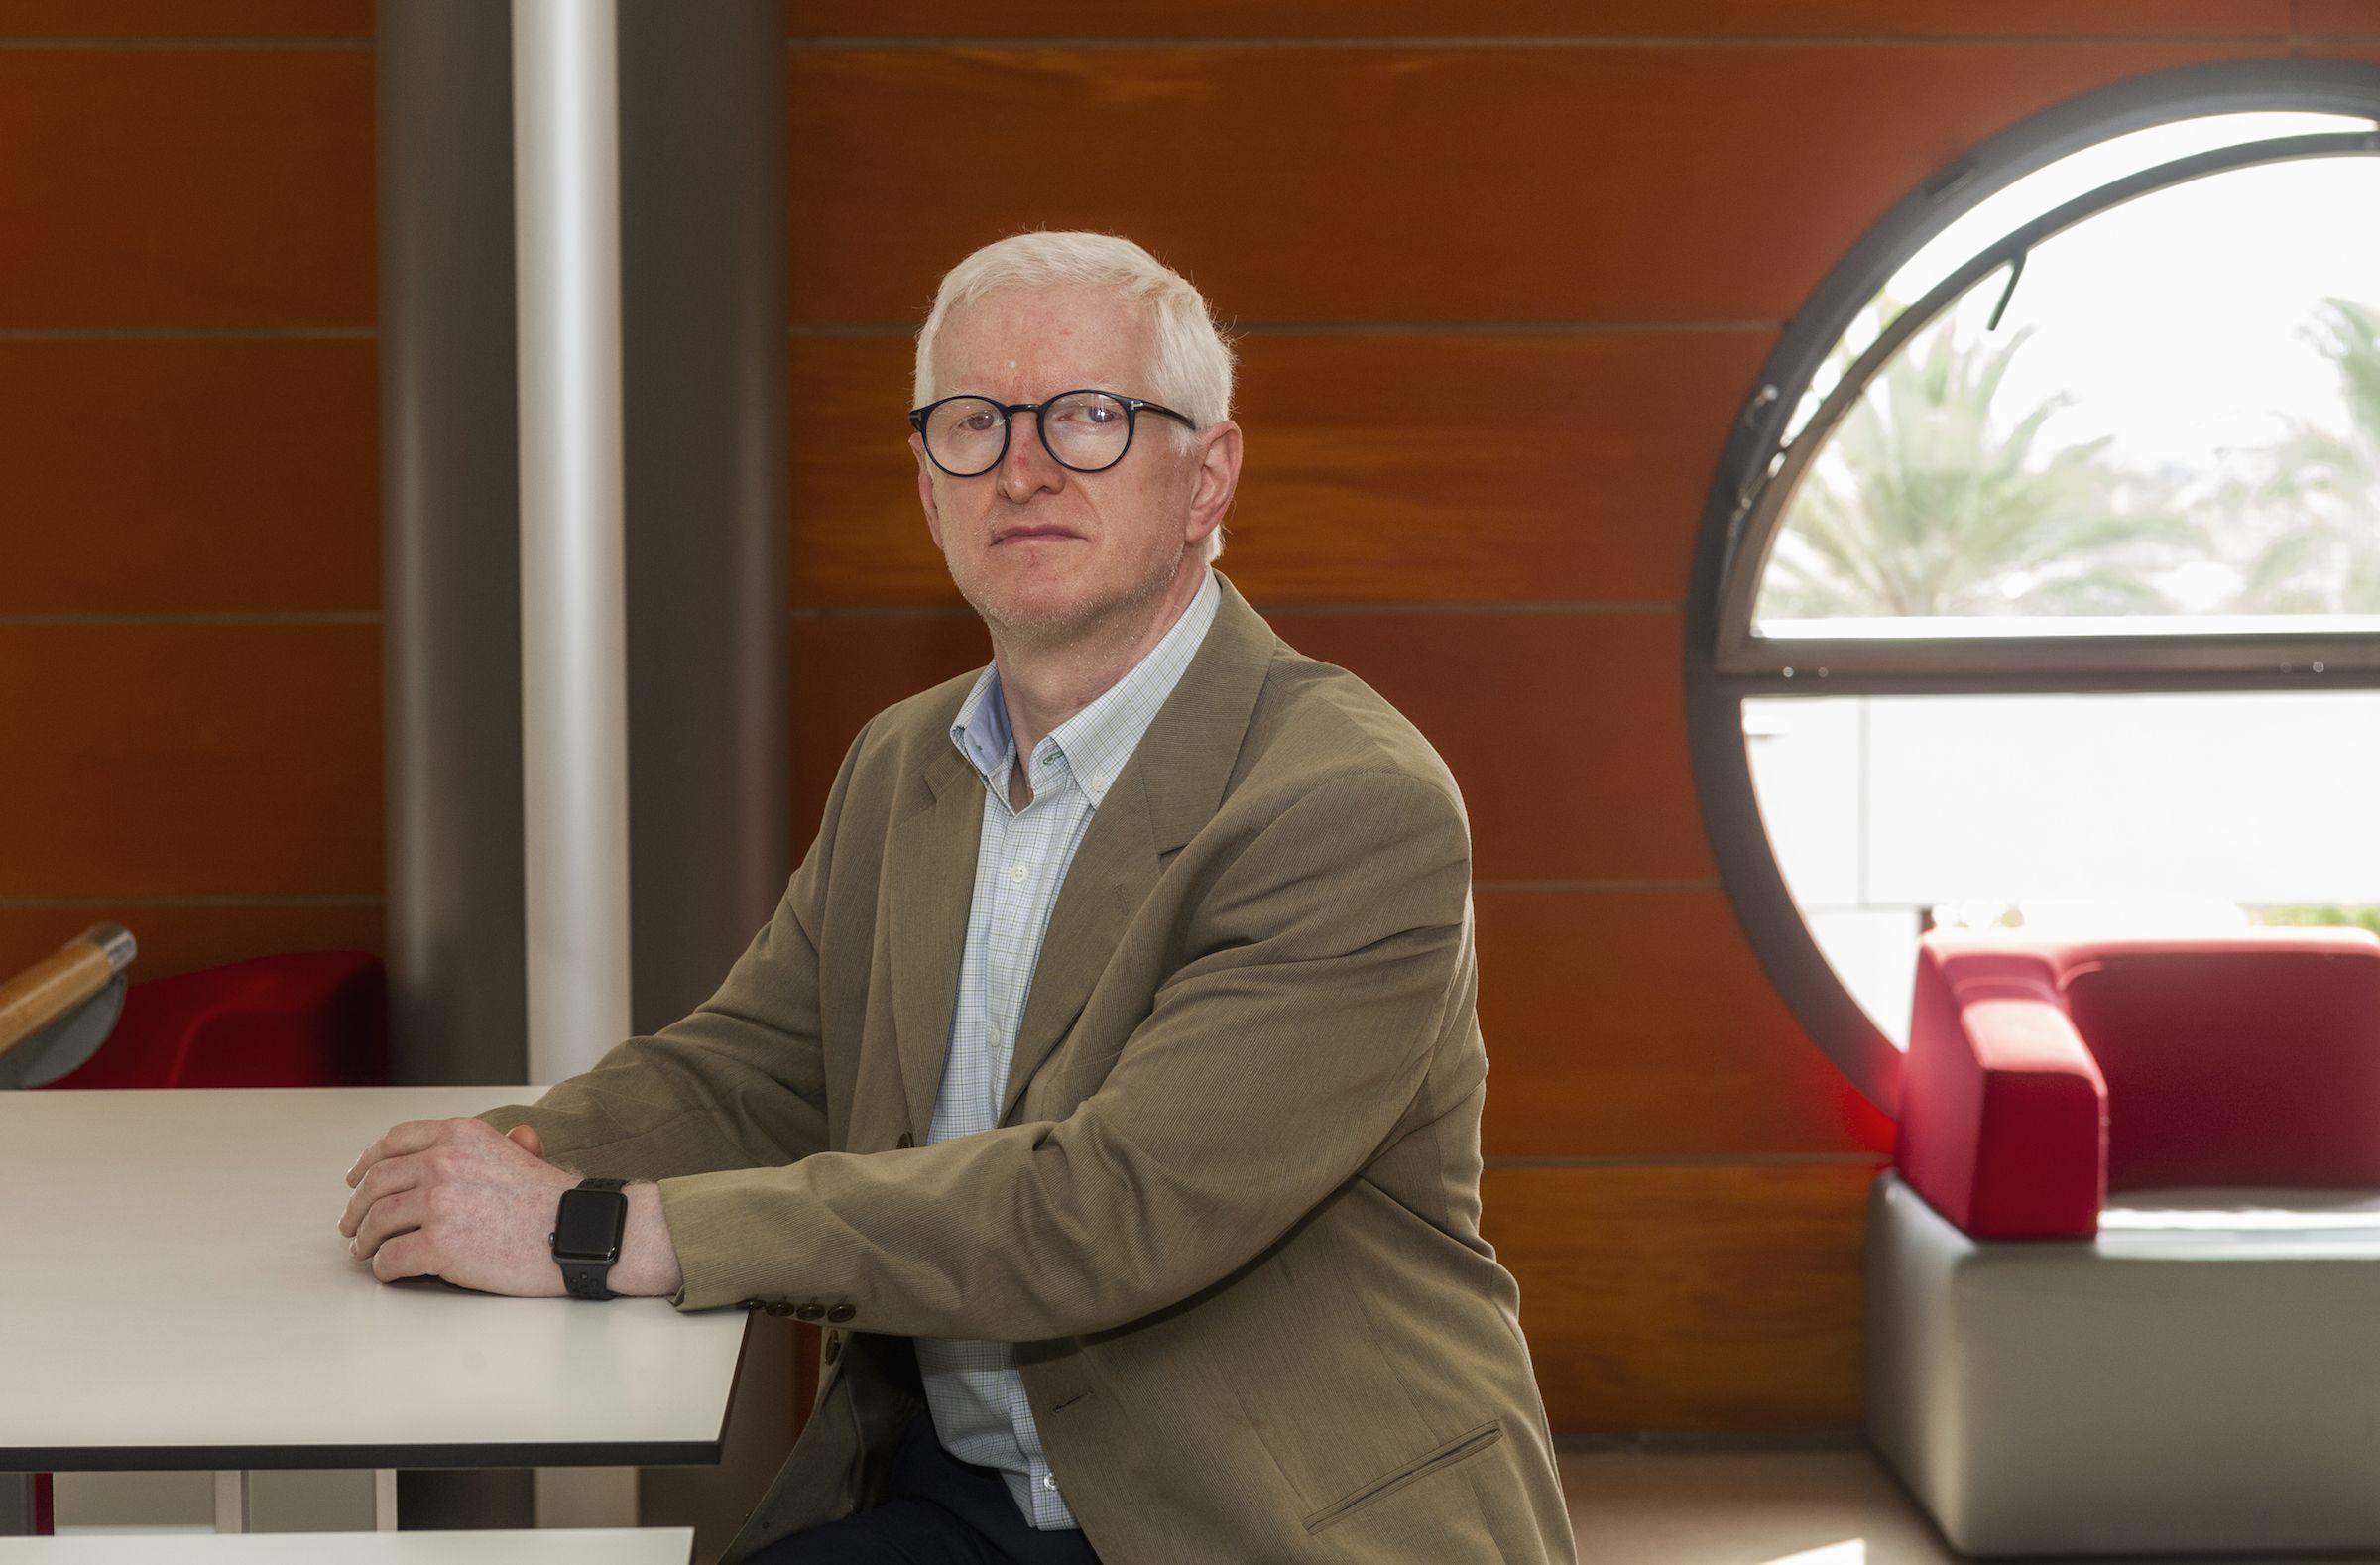 El profesor de Periodismo de la CEU UCH Josep Solves es investigador del proyecto DIPURE, integrado por profesores de las Universidades de Almería y Murcia.